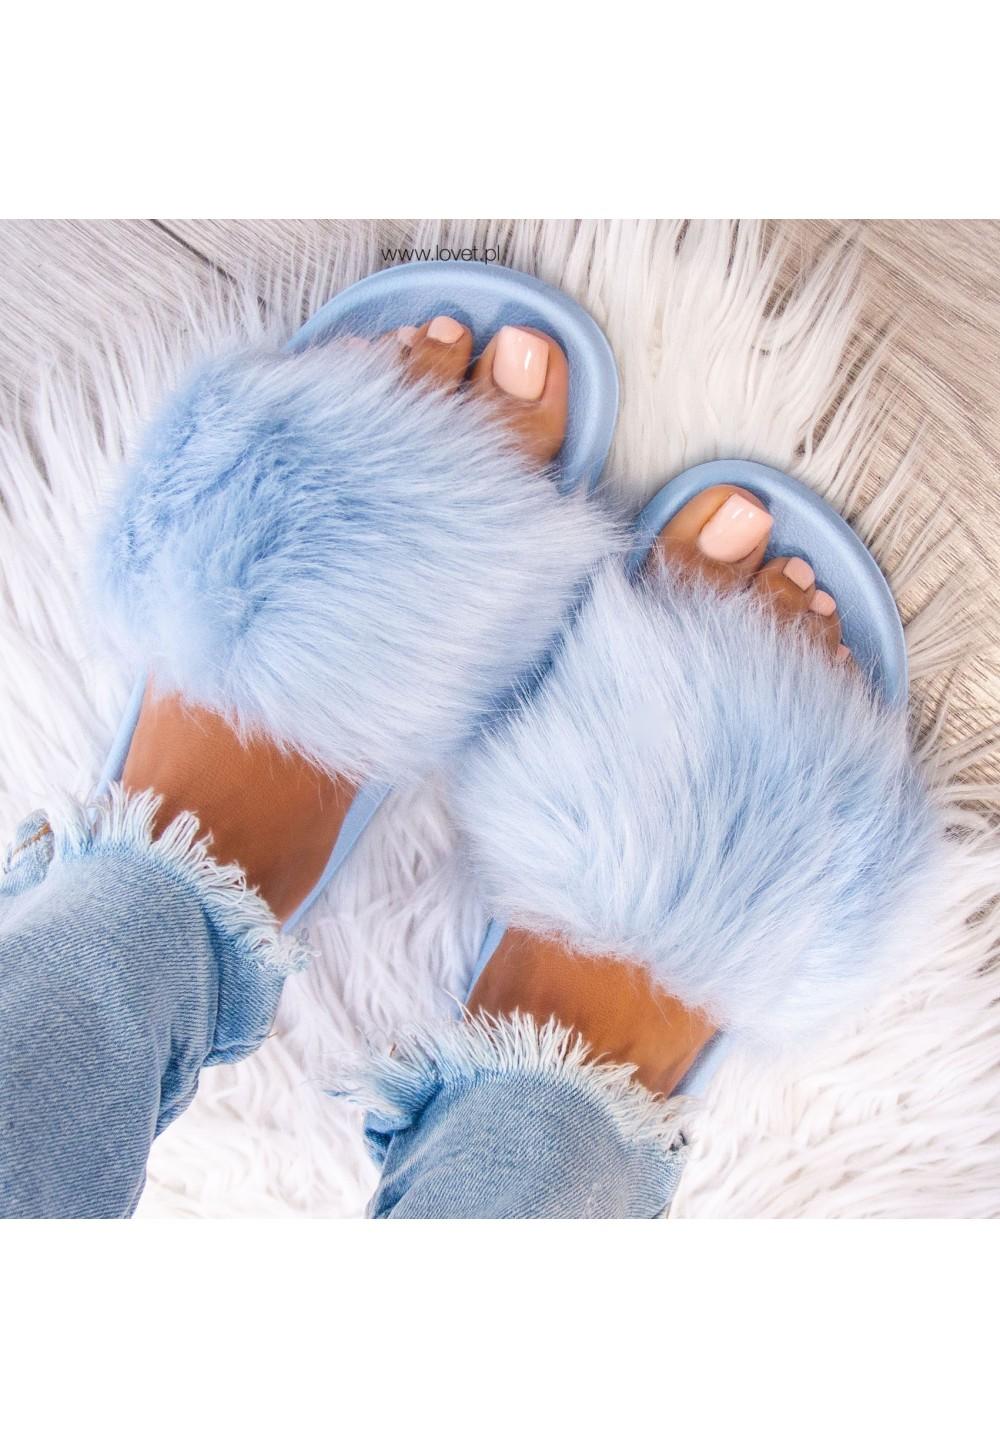 Klapki Gumowe Niebieskie Fluffy Long